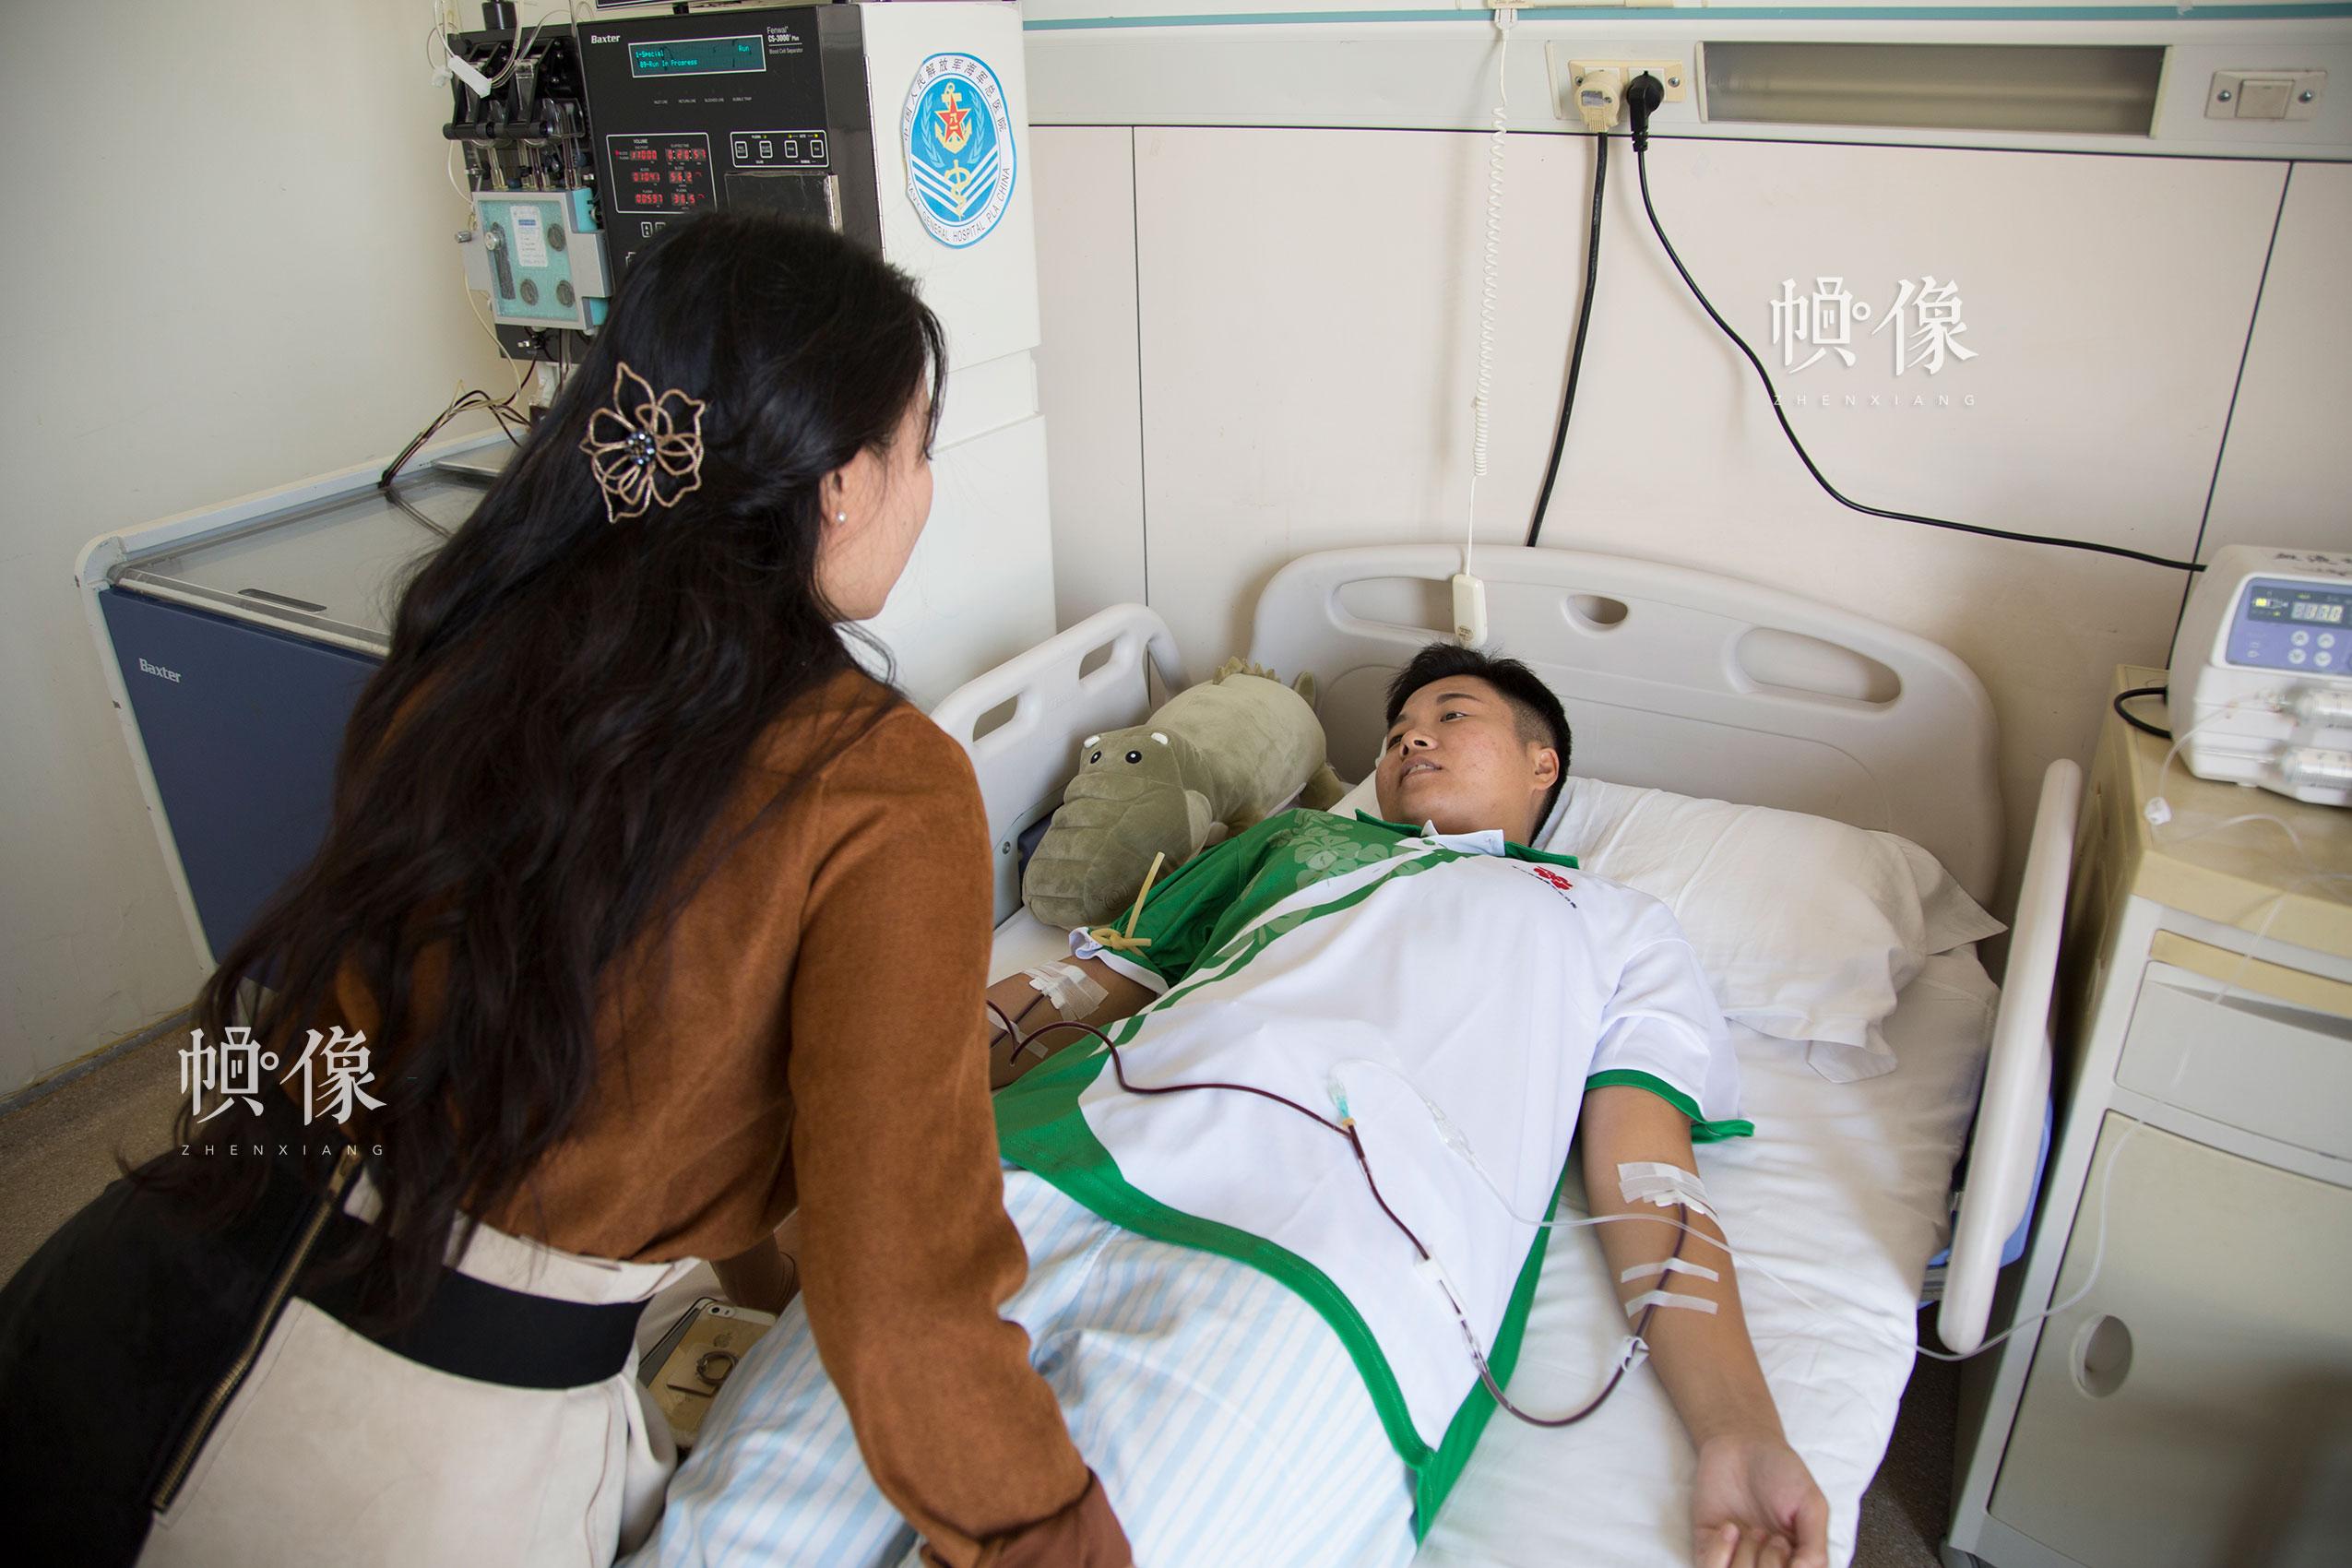 2017年8月30日,北京海军总医院,配型成功的曲女士进行造血干细胞捐献,与前来看望的朋友进行交谈。中国网记者 黄富友 摄